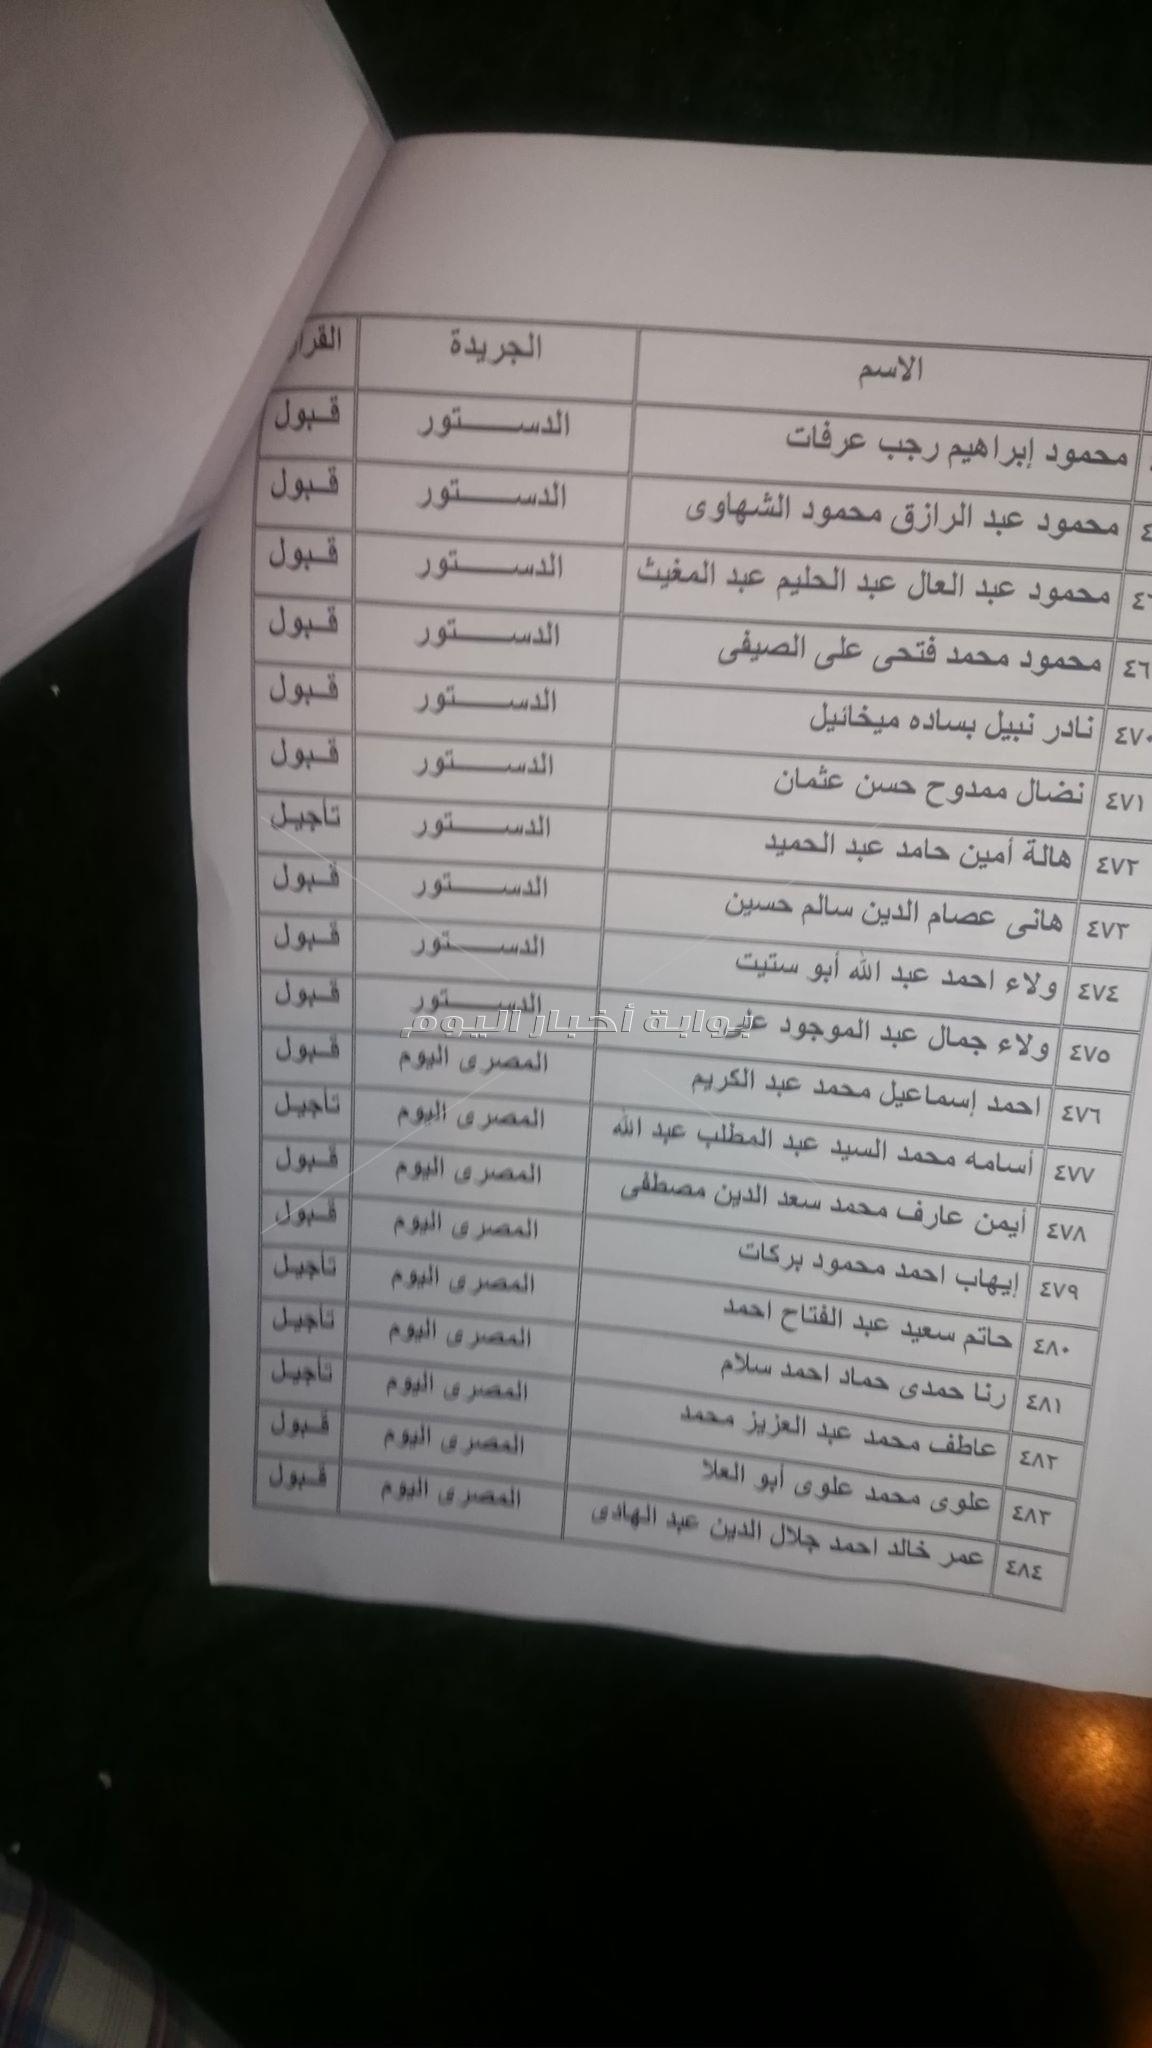 """"""" نتيجة لجنة القيد لجدول تحت التمرين بنقابة الصحفيين"""